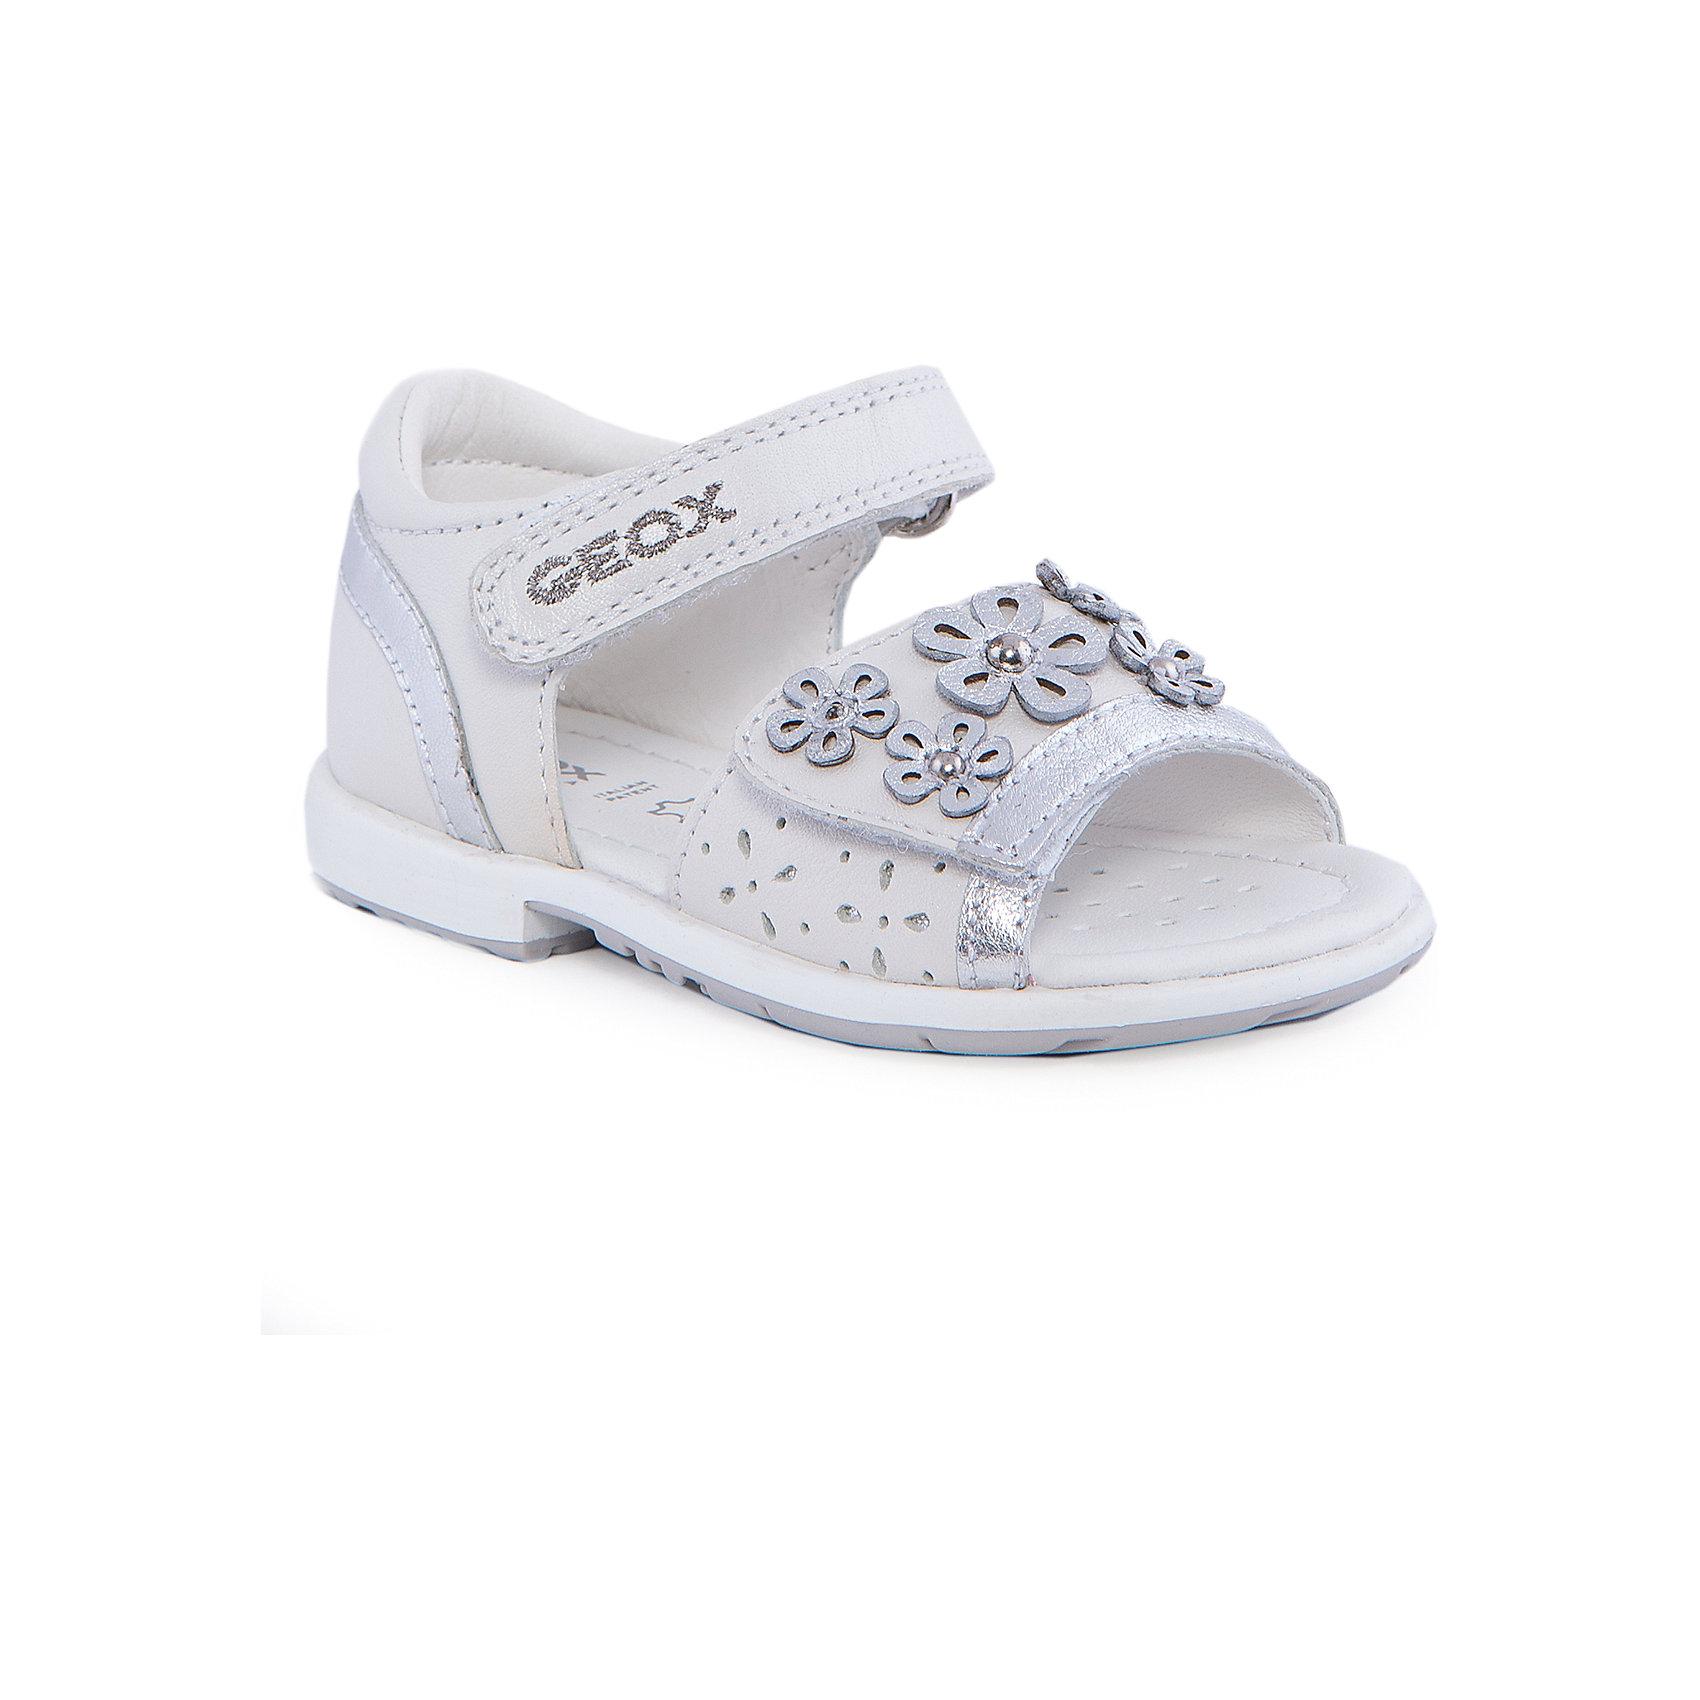 Босоножки для девочки GEOXБосоножки для девочки от популярной марки GEOX (Геокс).<br><br>Блестящие легкие босоножки - отличная обувь для нового летнего сезона. Эта модель создана специально для девочек, она очень стильно и оригинально смотрится.<br>Производитель обуви заботится не только о внешнем виде, но и стабильно высоком качестве продукции. GEOX (Геокс) разработал специальную высокотехнологичную стельку. Вся обувь делается только из качественных и надежных материалов.<br><br>Отличительные особенности модели:<br><br>- цвет: белый;<br>- декорирована аппликацией, блестящими вставками и вышивкой;<br>- гибкая прочная подошва;<br>- мягкий и легкий верх;<br>- защита пятки;<br>- стильный дизайн;<br>- анатомическая стелька;<br>- удобные застежки - липучки;<br>- комфортное облегание.<br><br>Дополнительная информация:<br><br>- Сезон: весна/лето.<br><br>- Состав:<br><br>материал верха: натуральная кожа;<br>стелька: натуральная кожа;<br>подошва: полимер.<br><br>Босоножки для девочки GEOX (Геокс) можно купить в нашем магазине.<br><br>Ширина мм: 219<br>Глубина мм: 154<br>Высота мм: 121<br>Вес г: 343<br>Цвет: белый<br>Возраст от месяцев: 18<br>Возраст до месяцев: 21<br>Пол: Женский<br>Возраст: Детский<br>Размер: 23,25,26,27,22,24<br>SKU: 4518900